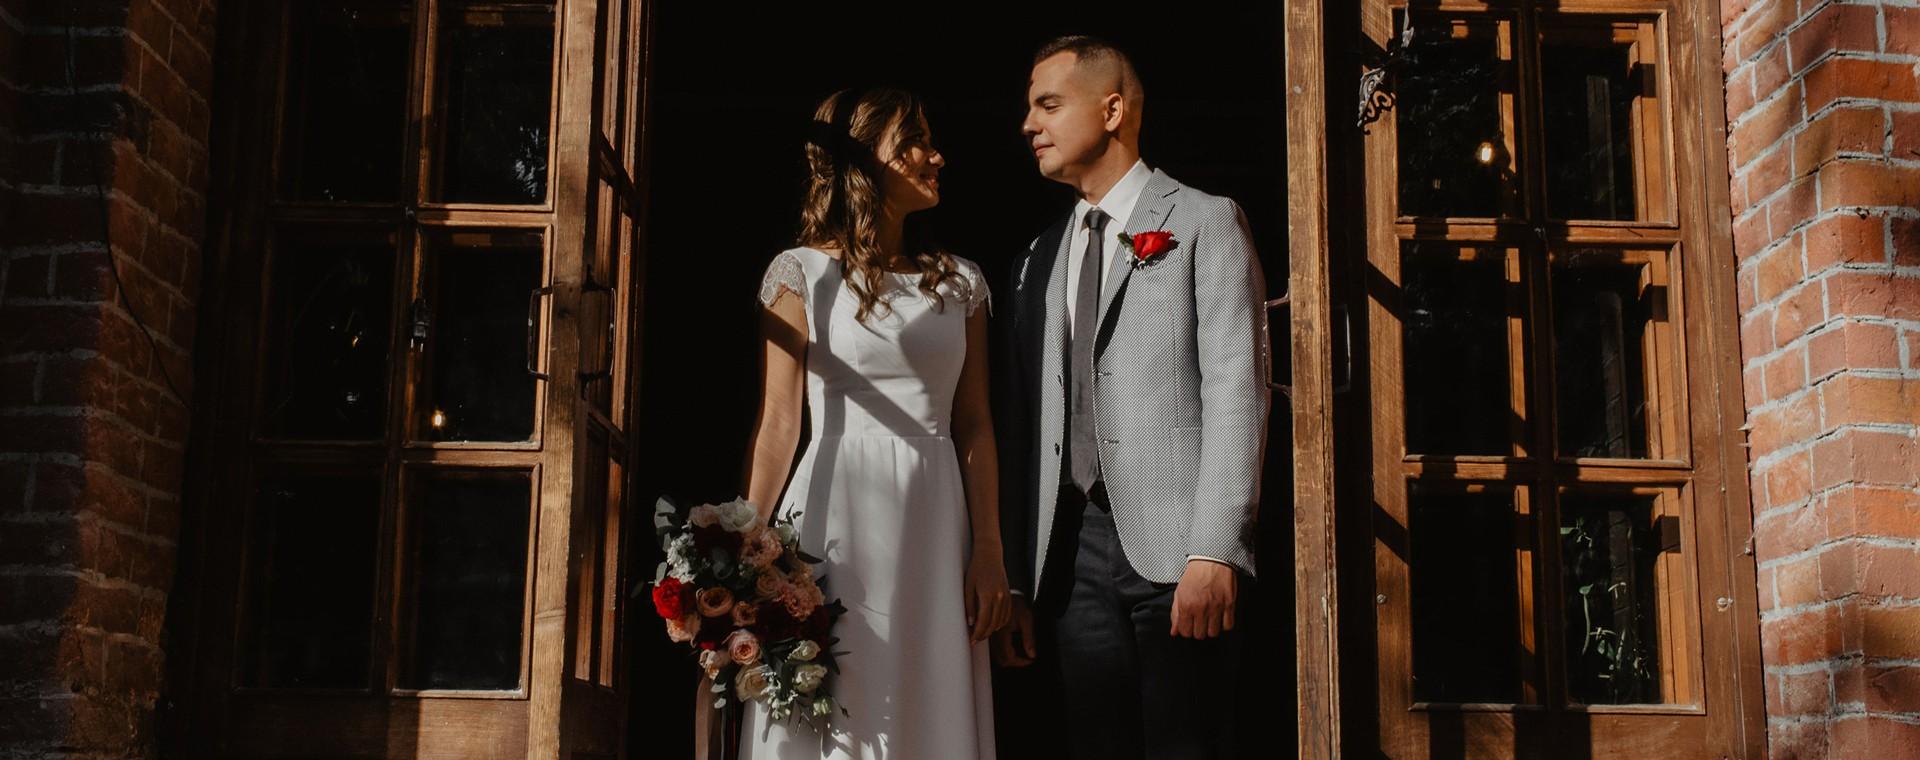 Поздравление на башкирскую свадьбу от друзей